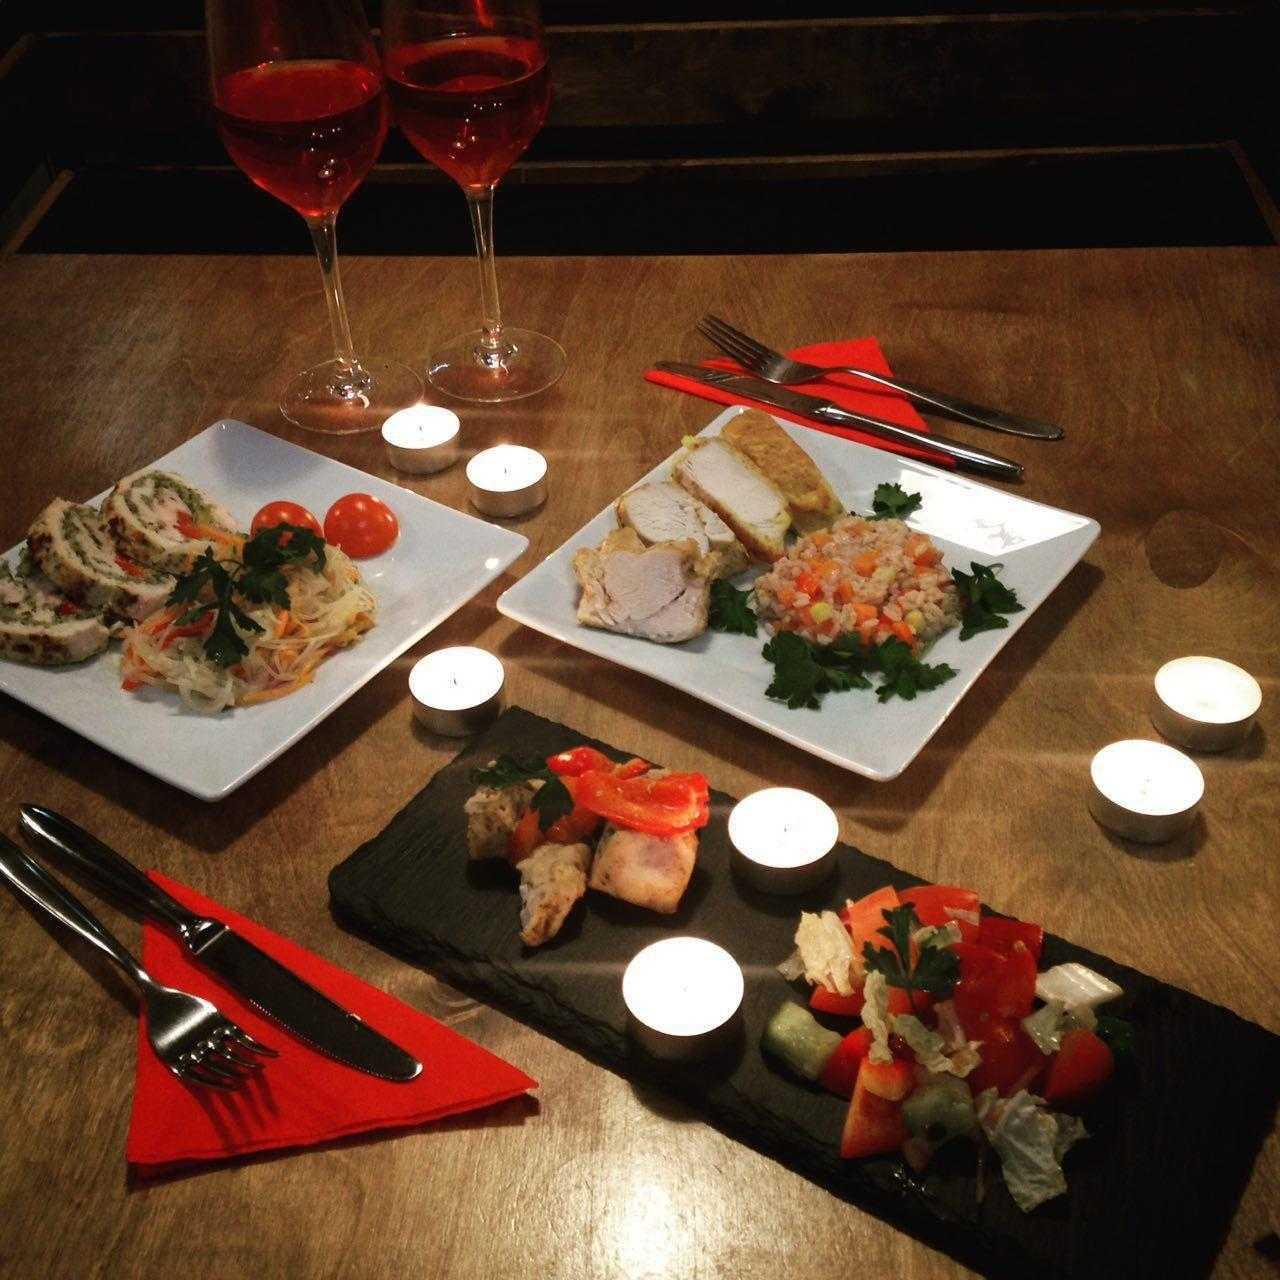 Приготовьте для своей половинки полезный романтический ужин, идеи для праздничного стола подскажет Сьюзен Бауэрман, эксперт Herbalife, профессиональный диетолог и сертифицированный специалист по спортивной диетологии